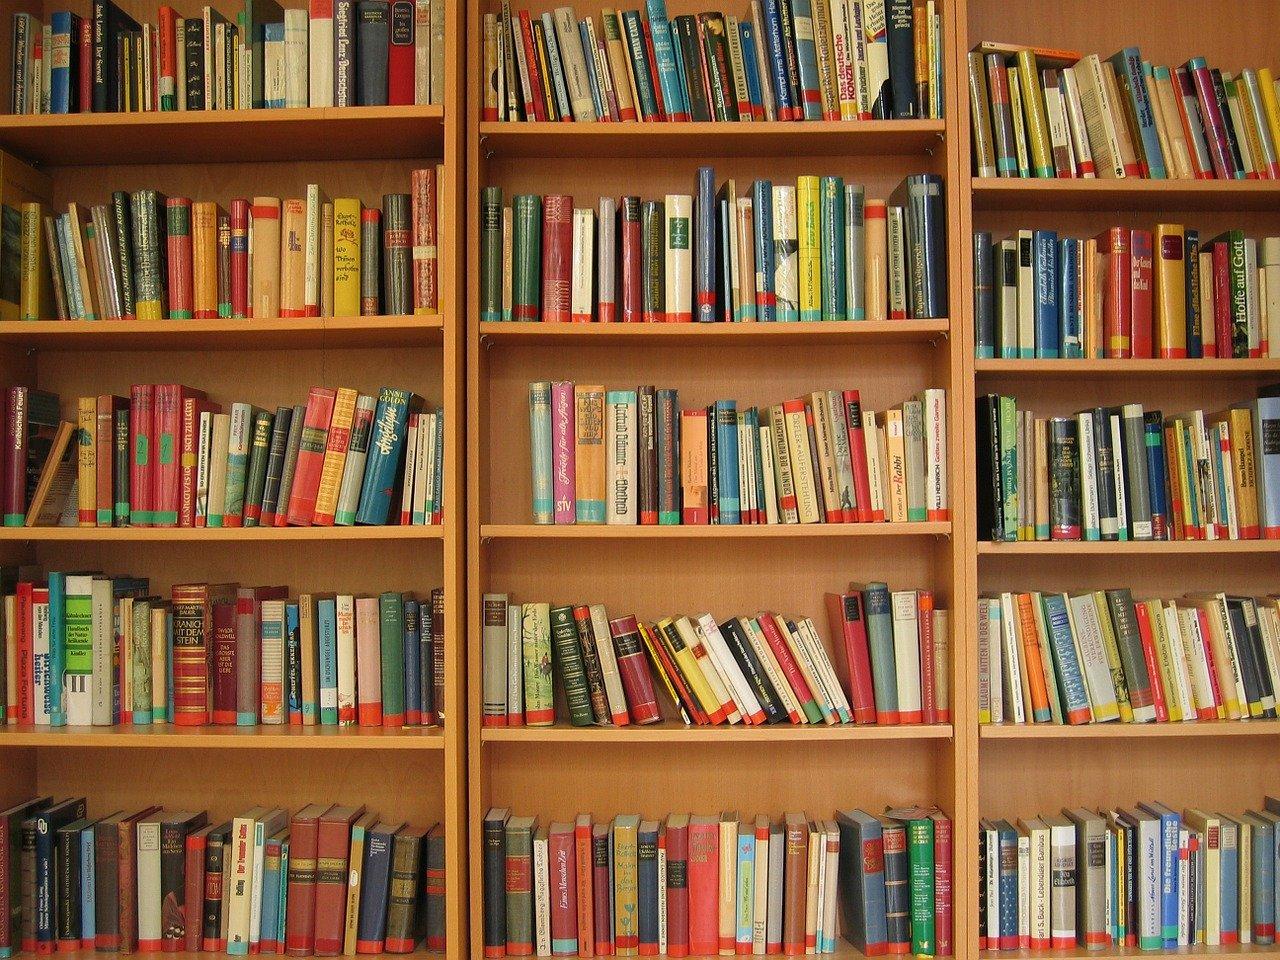 أشهر الكتب تأثيرا فى العالم .